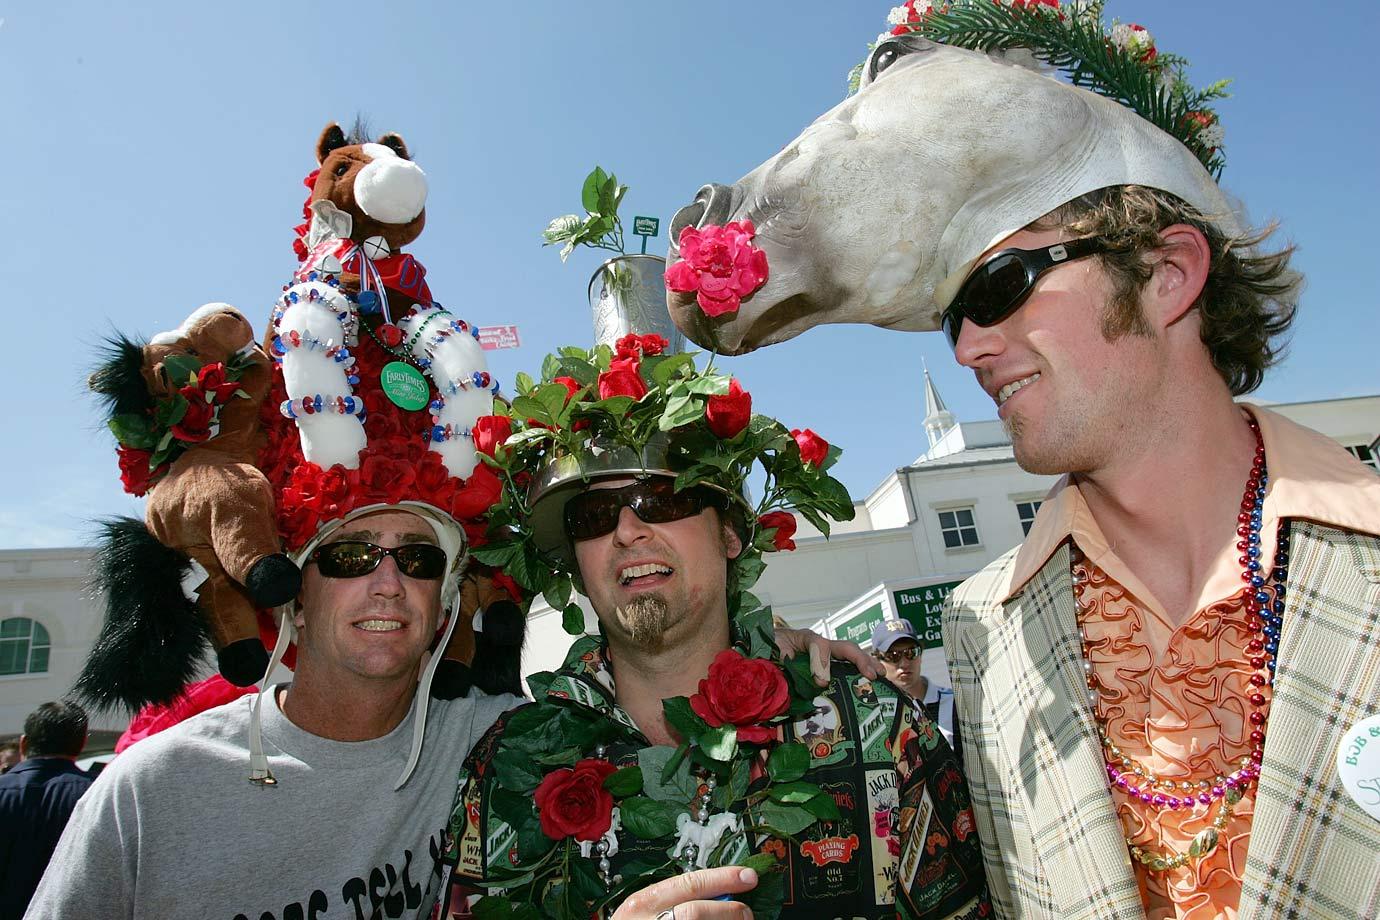 kentucky derby wild hats si com